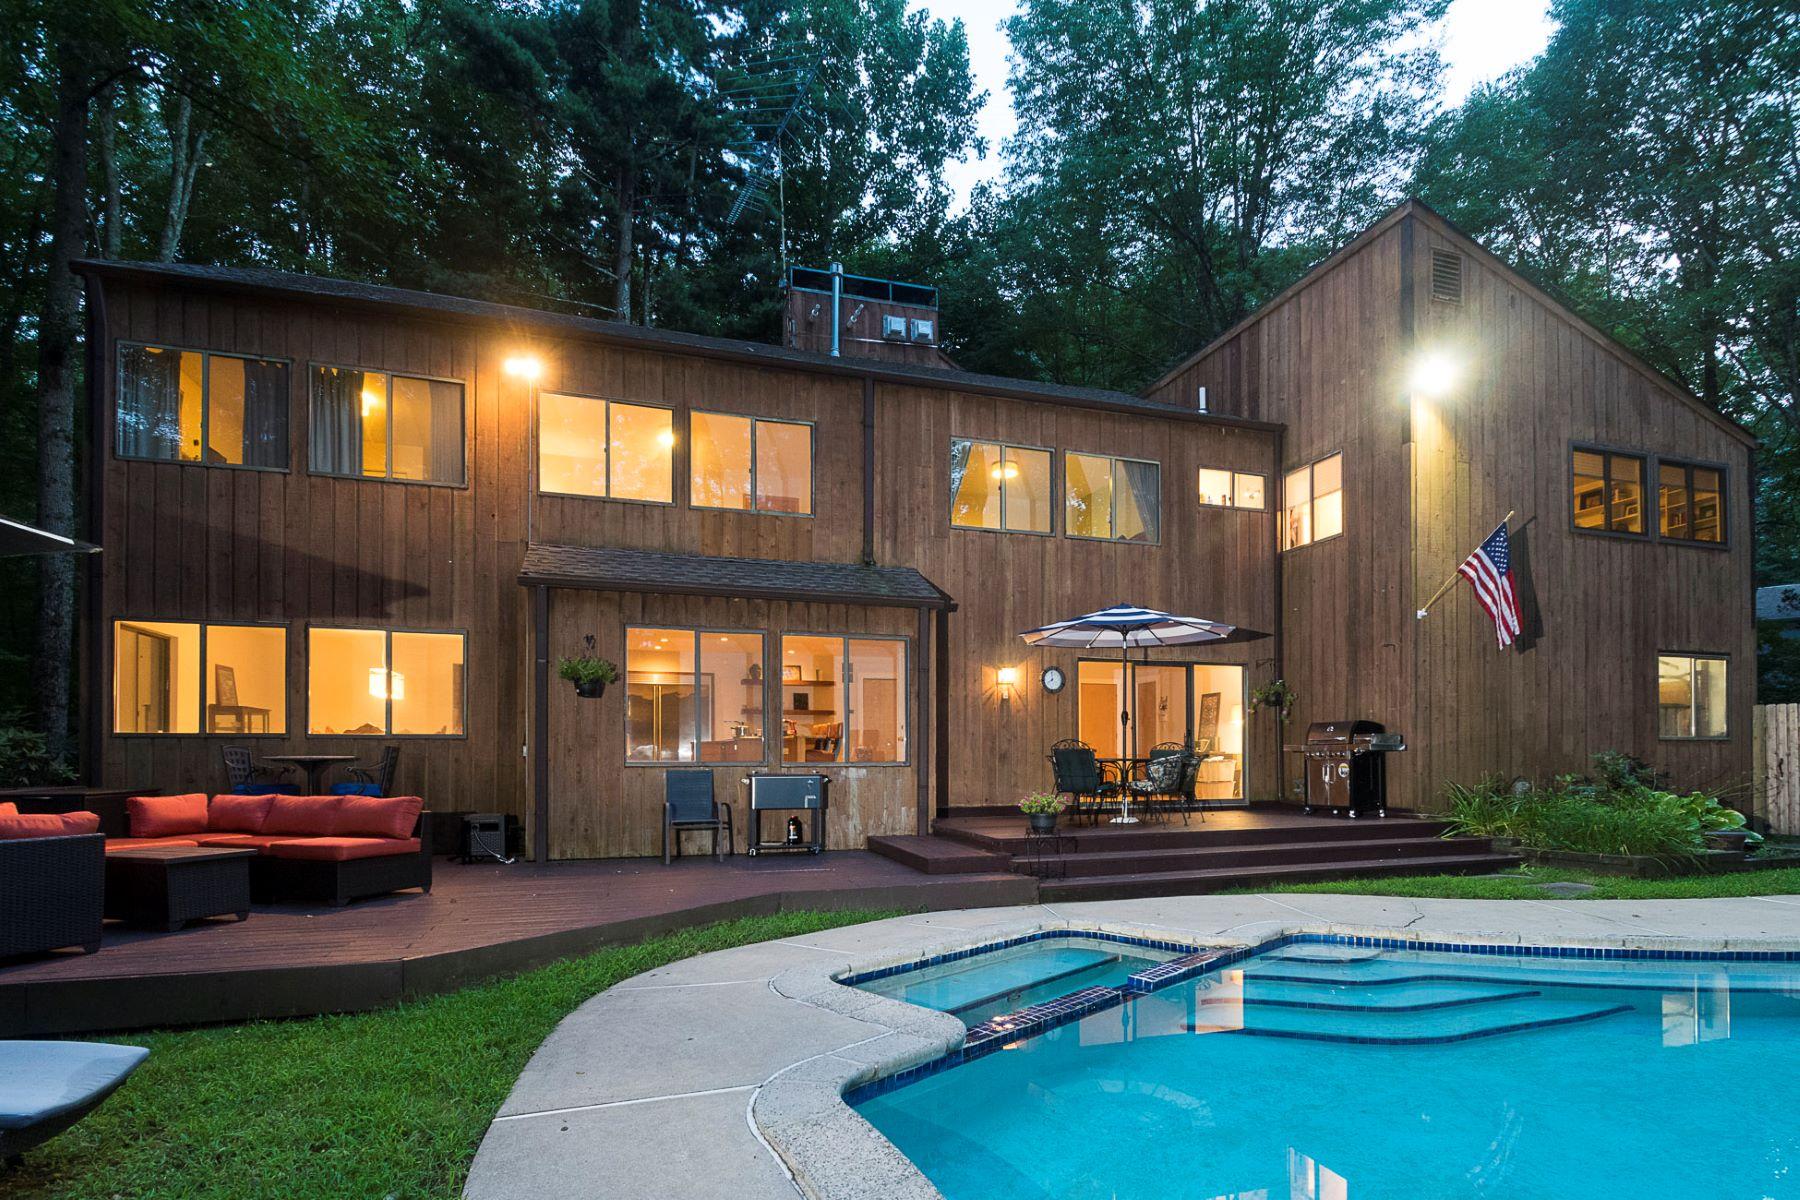 Частный односемейный дом для того Продажа на Cedar-Clad Contemporary Hidden in the Woods 641 Lawrenceville Road, Princeton, Нью-Джерси 08540 Соединенные ШтатыВ/Около: Princeton